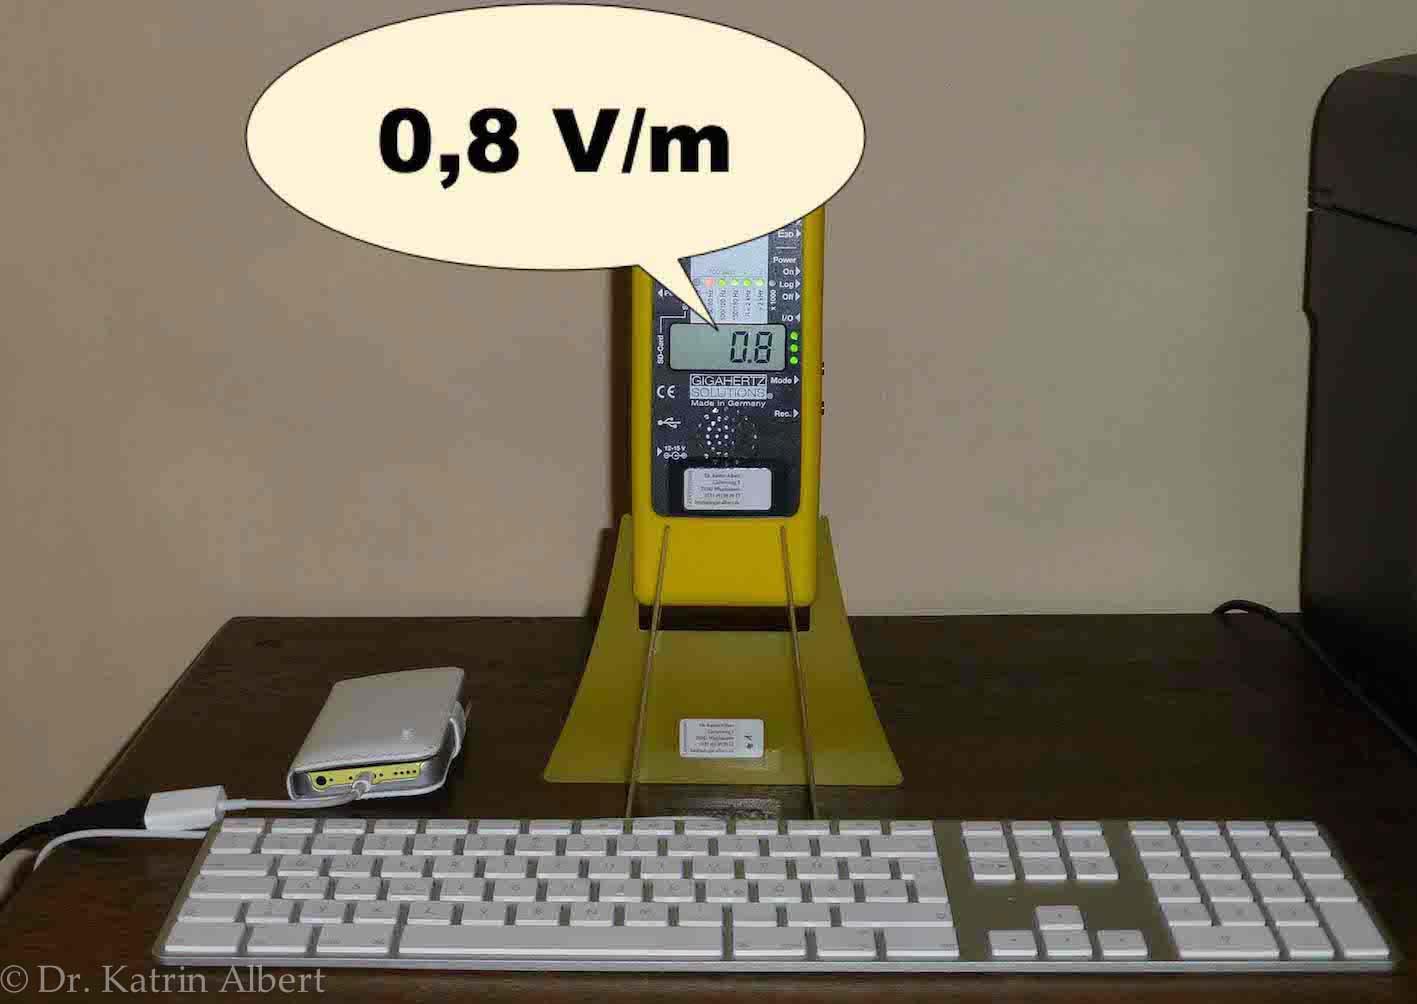 Tastatur und Handy geerdet